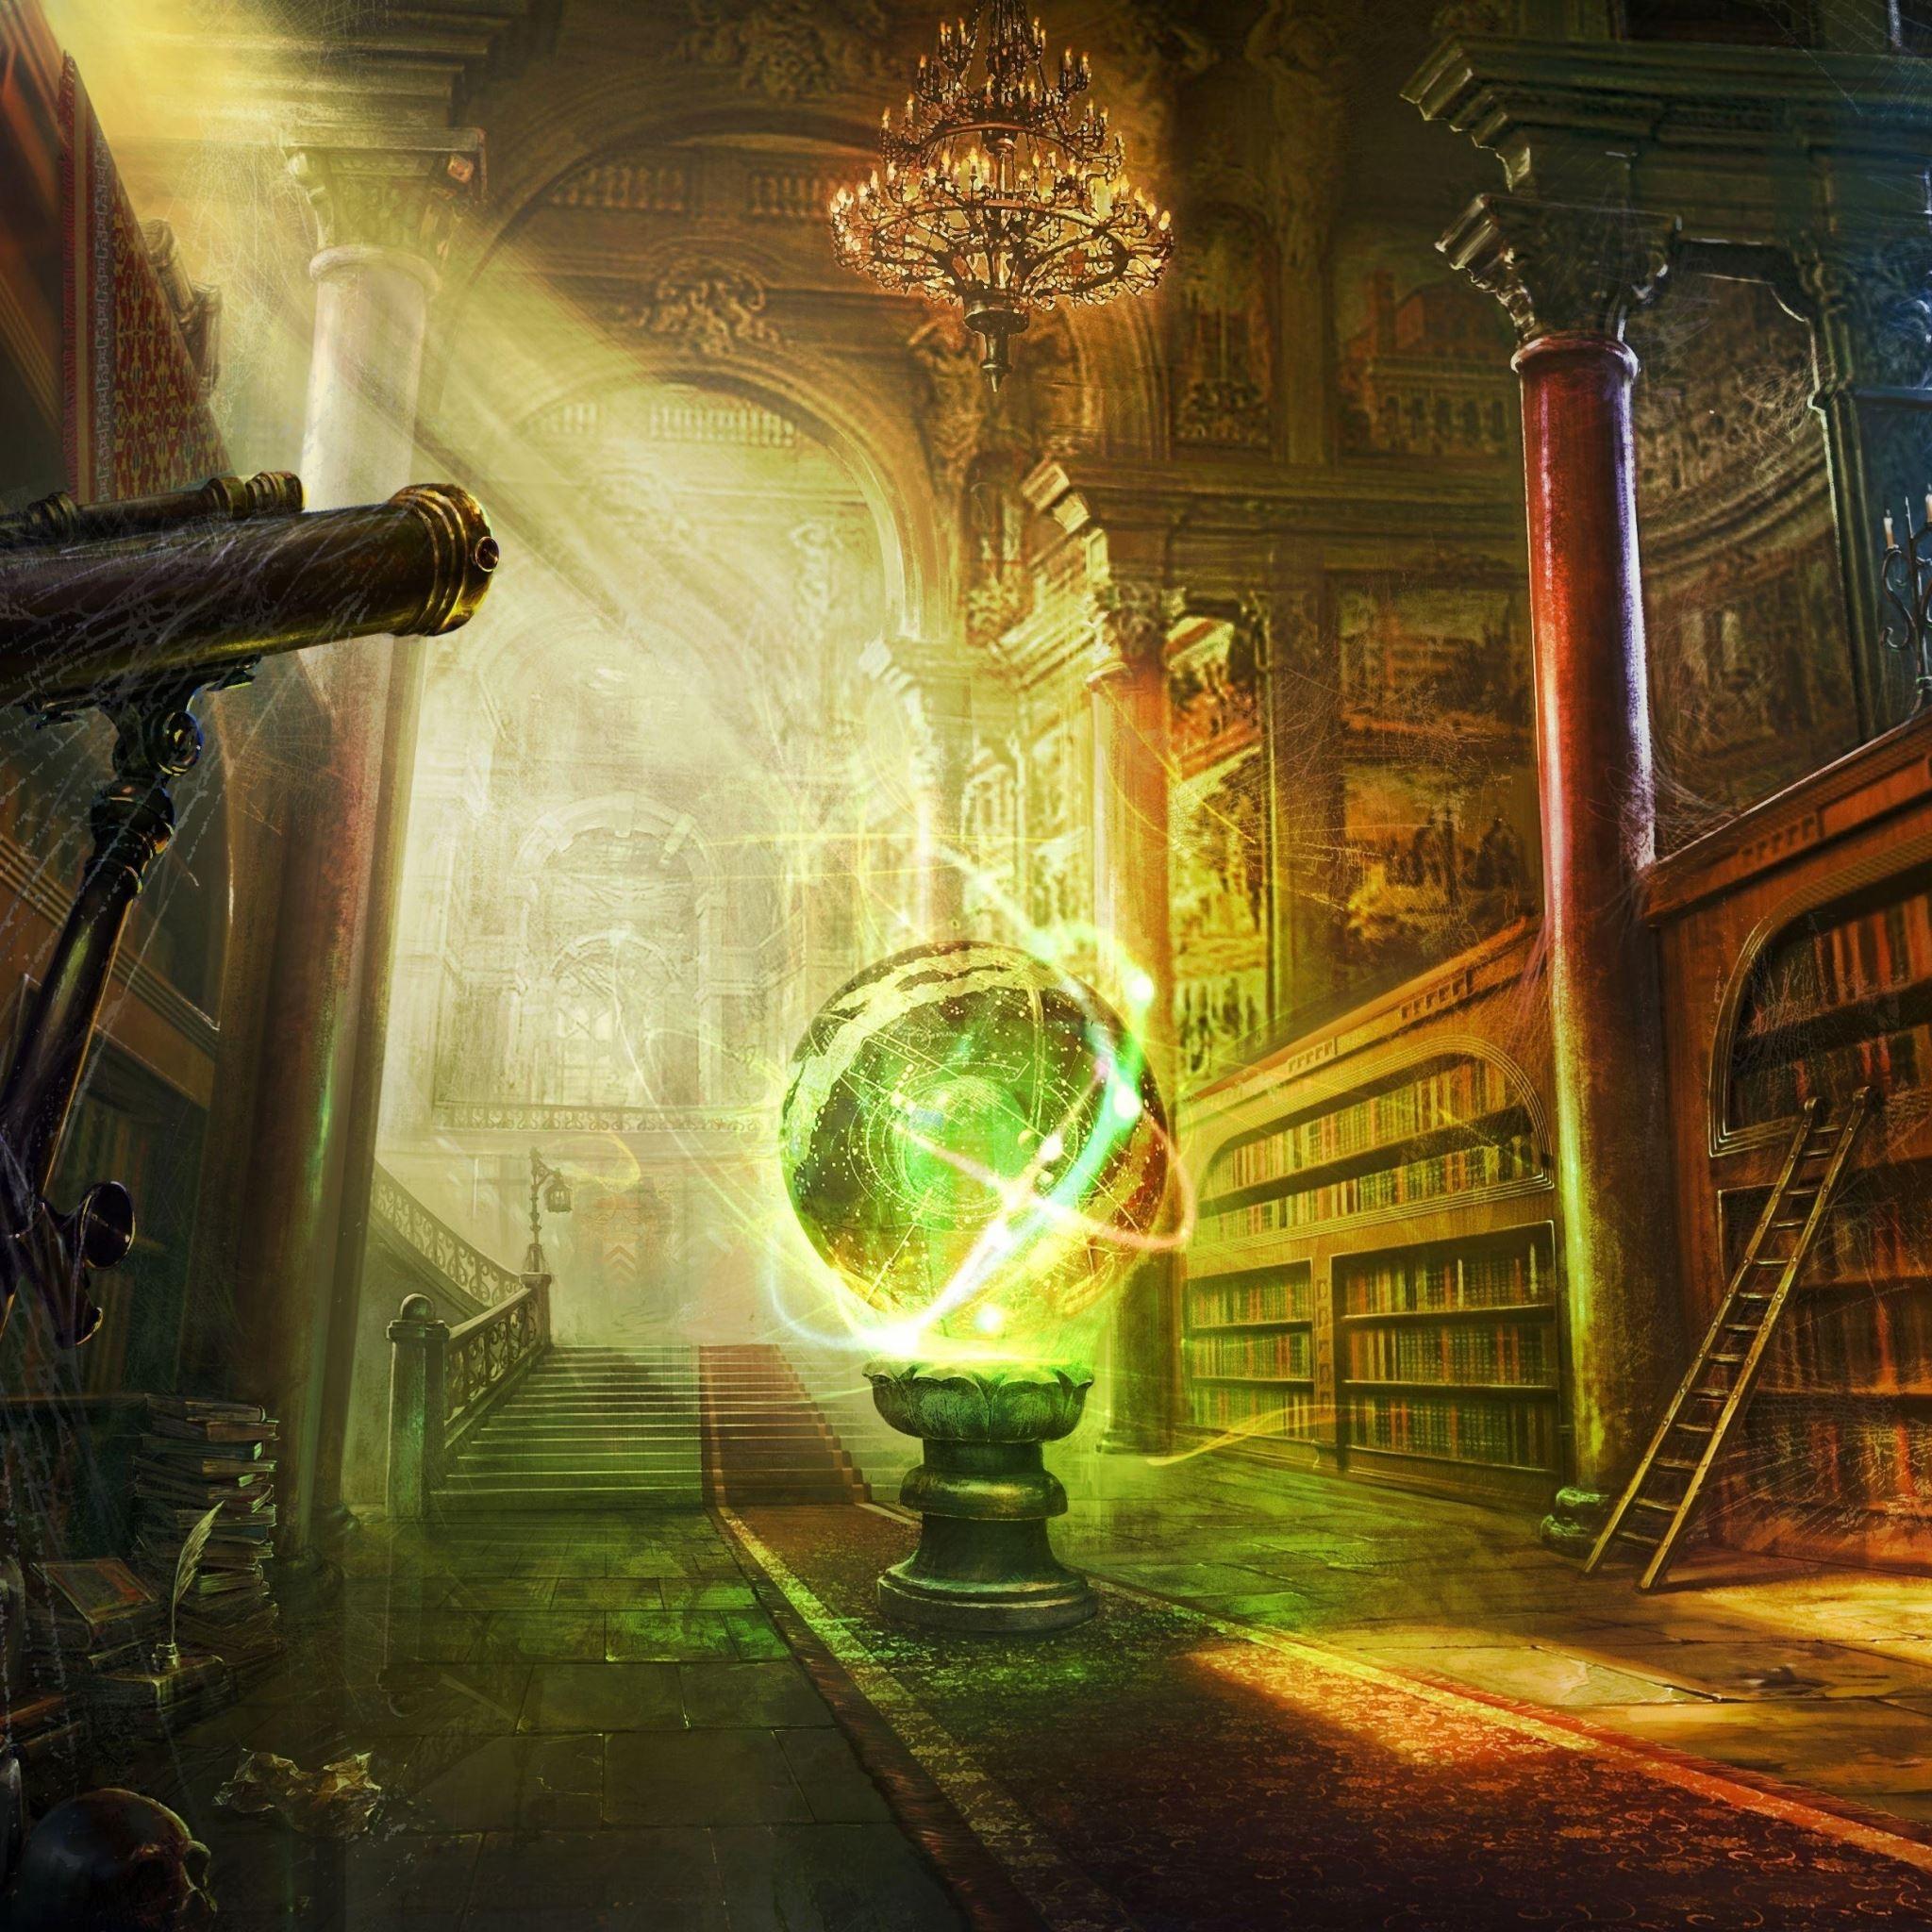 Magic ball library columns castle iPad Air wallpaper